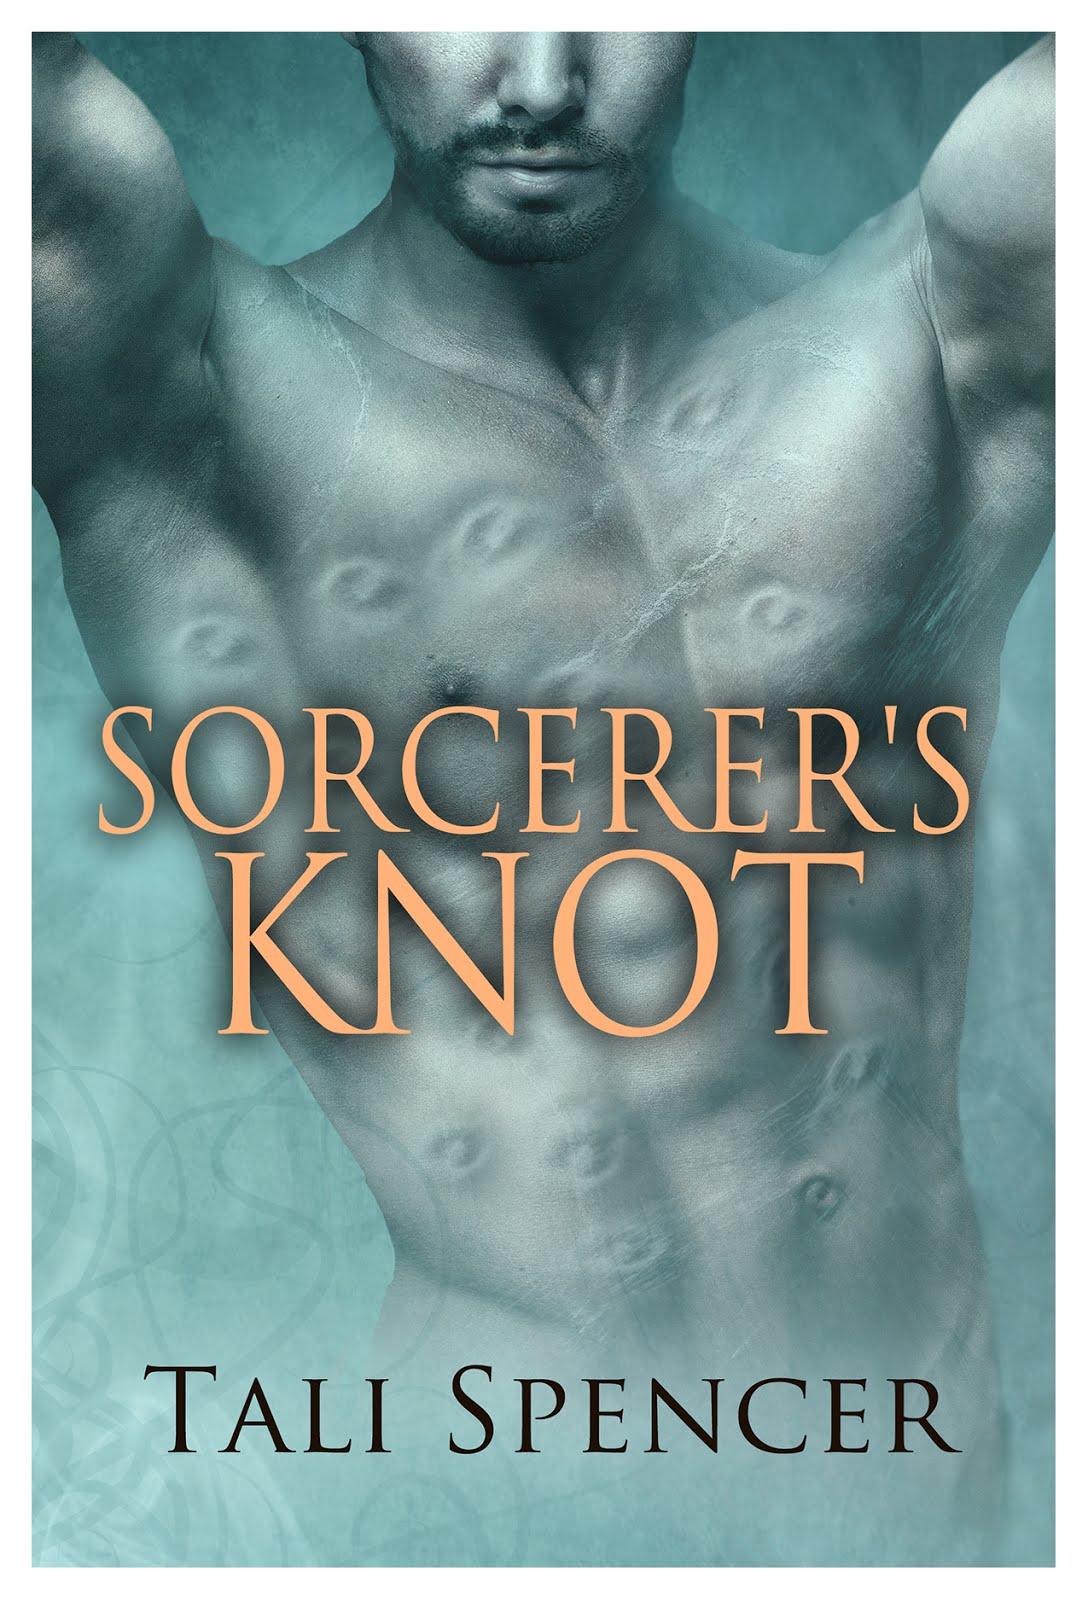 Sorcerer's Knot